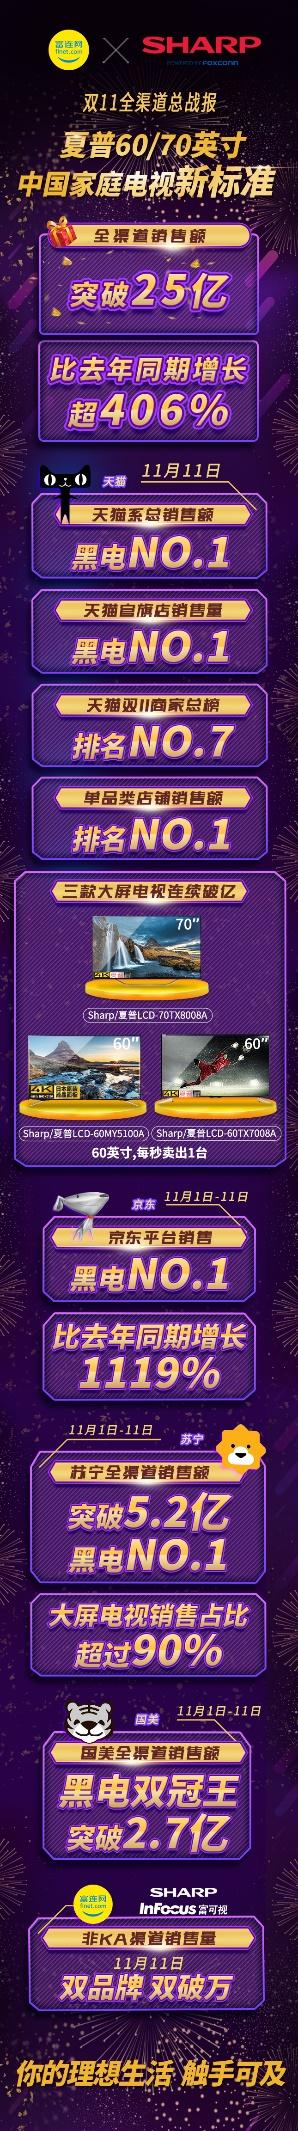 夏普双十一突破25亿销额 60/70英寸定义中国家庭新电视